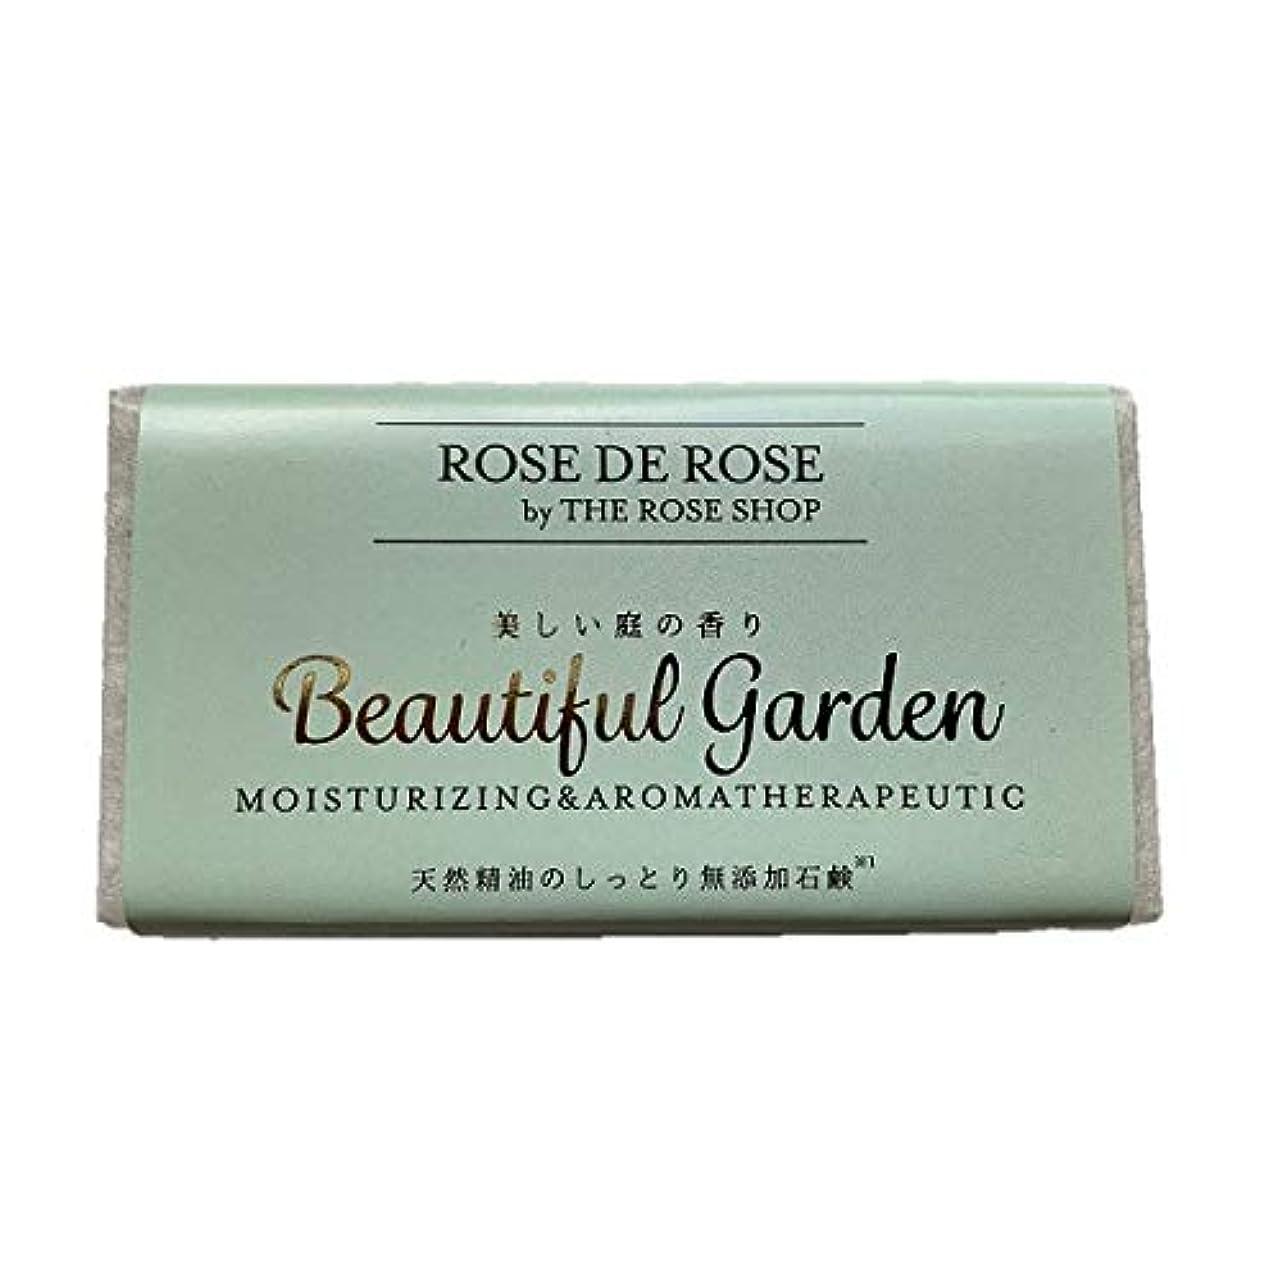 支出支出まだら天然精油の無添加石鹸 「美しい庭の香り ビューティフルガーデン」